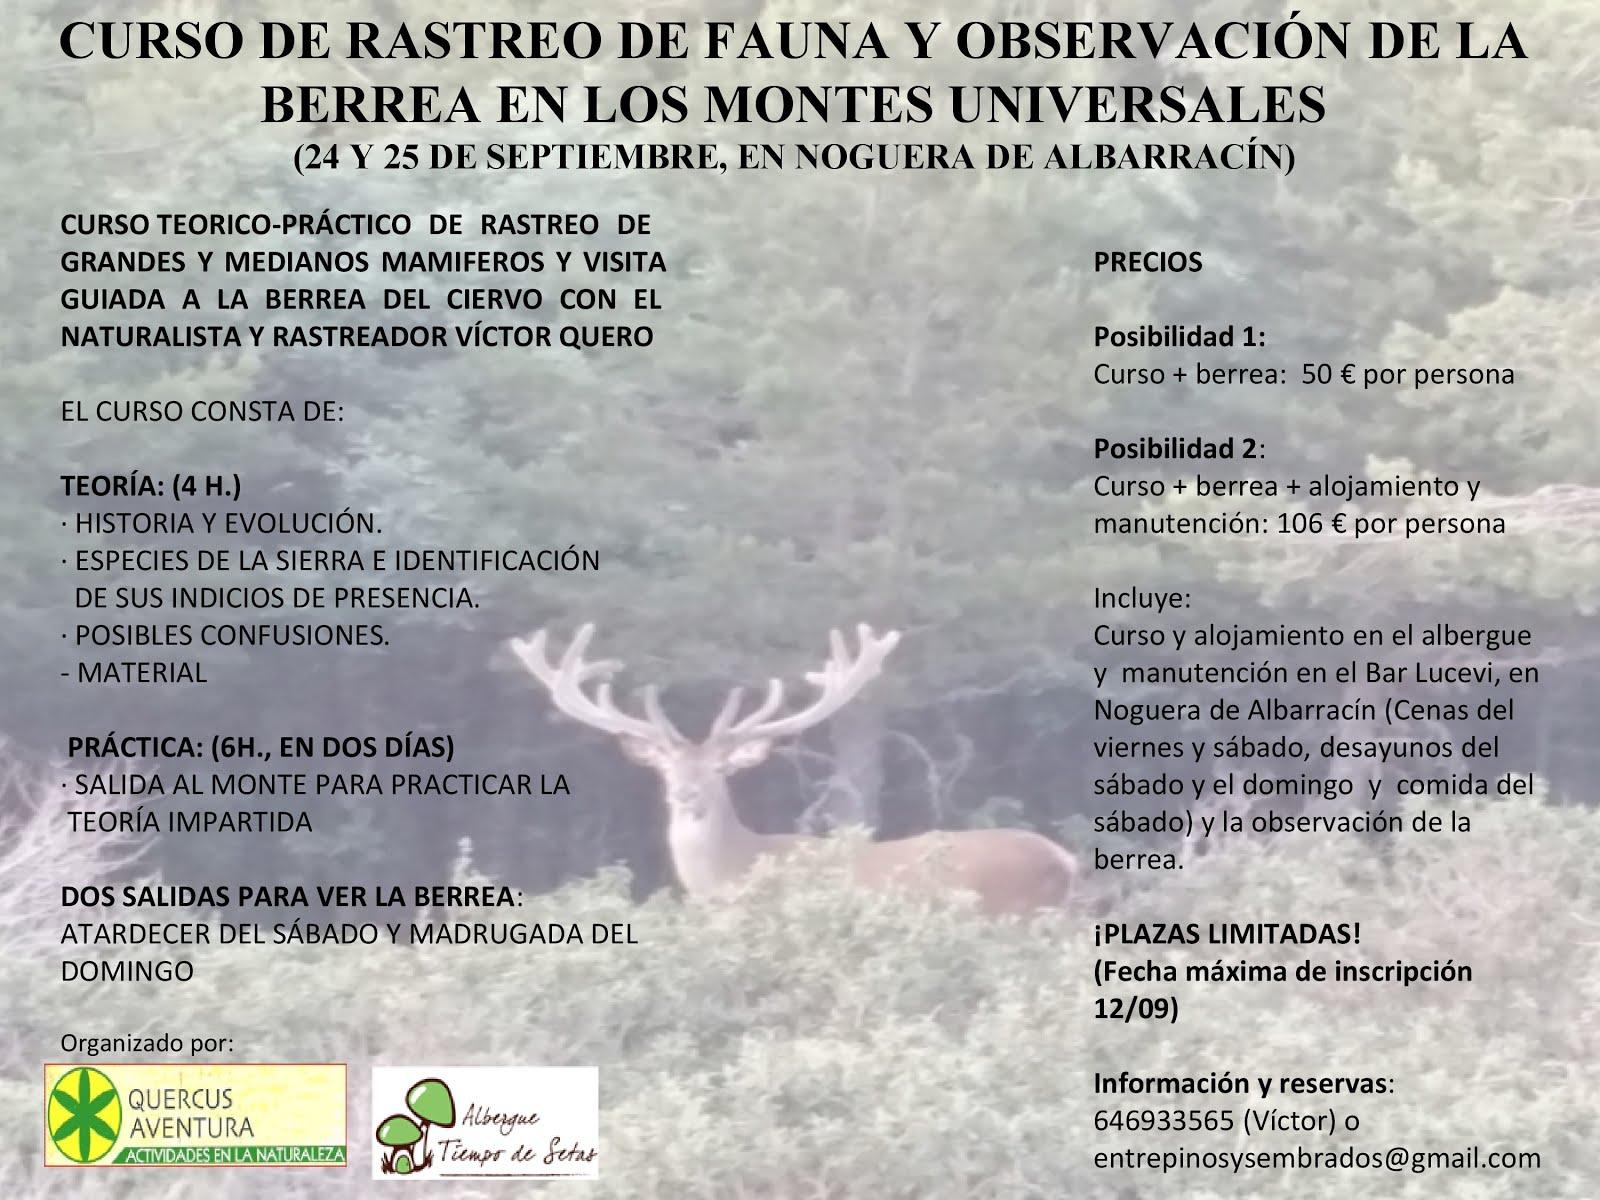 CURSO TEÓRICO PRÁCTICO DE RASTREO DE HUELLAS CON VISITA GUIADA A LA BERREA